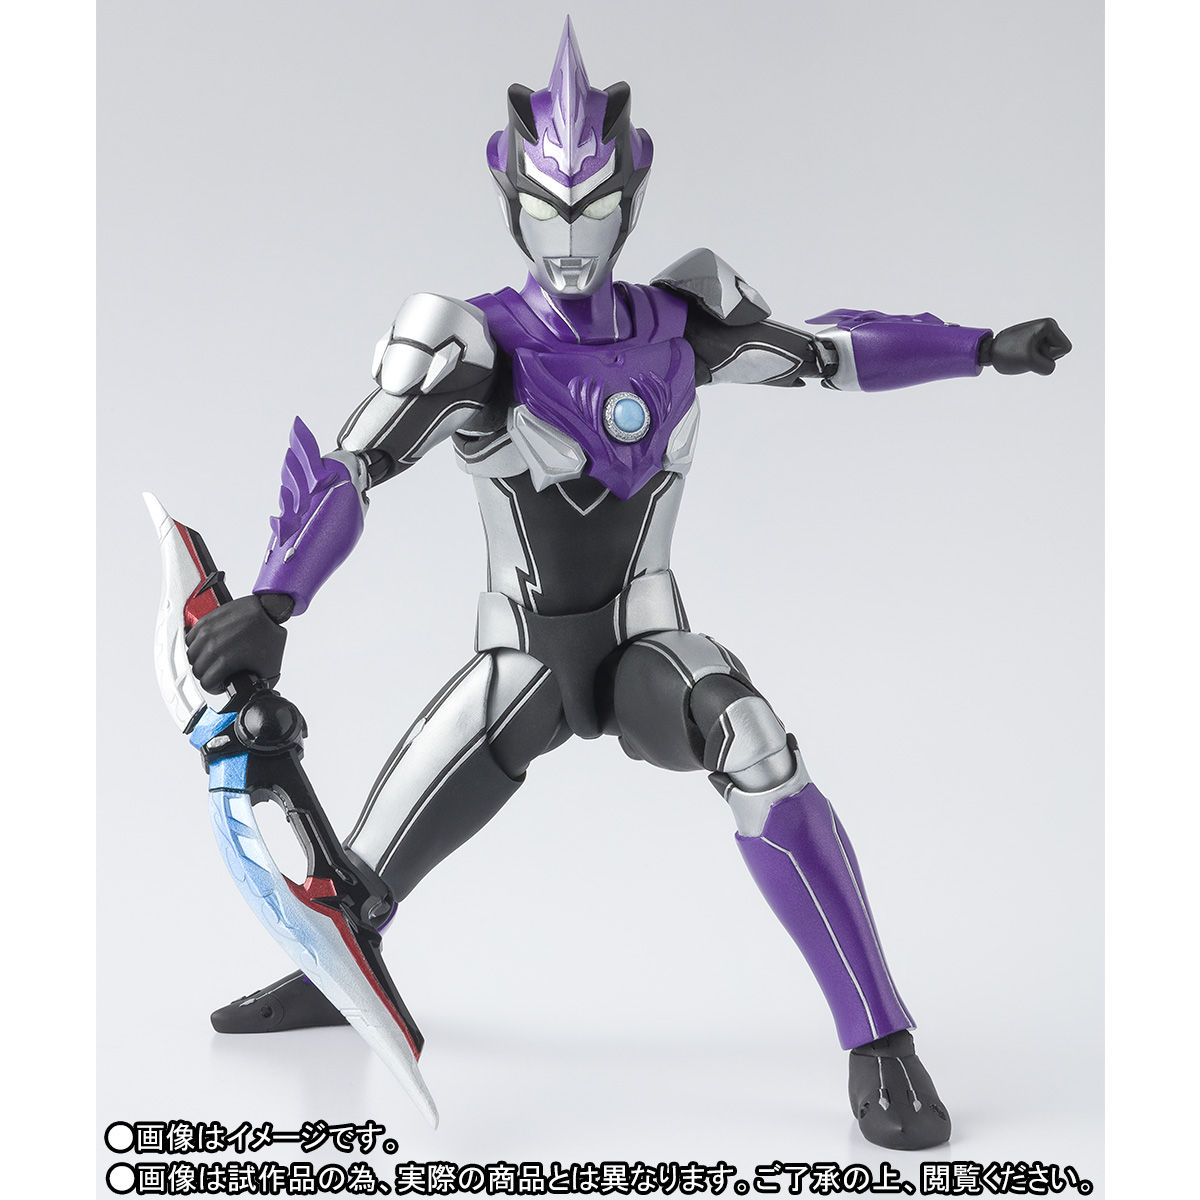 S.H.フィギュアーツ『ウルトラマンブル ウインド ウルトラマンR/B』可動フィギュア-006